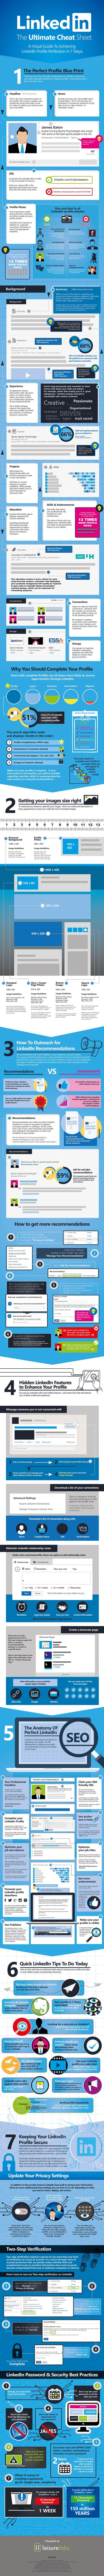 Der ultimative Spickzettel für das perfekte LinkedIn-Profil   Kroker's Look @ IT  http://blog.wiwo.de/look-at-it/2016/03/03/der-ultimative-spickzettel-fuer-das-perfekte-linkedin-profil/